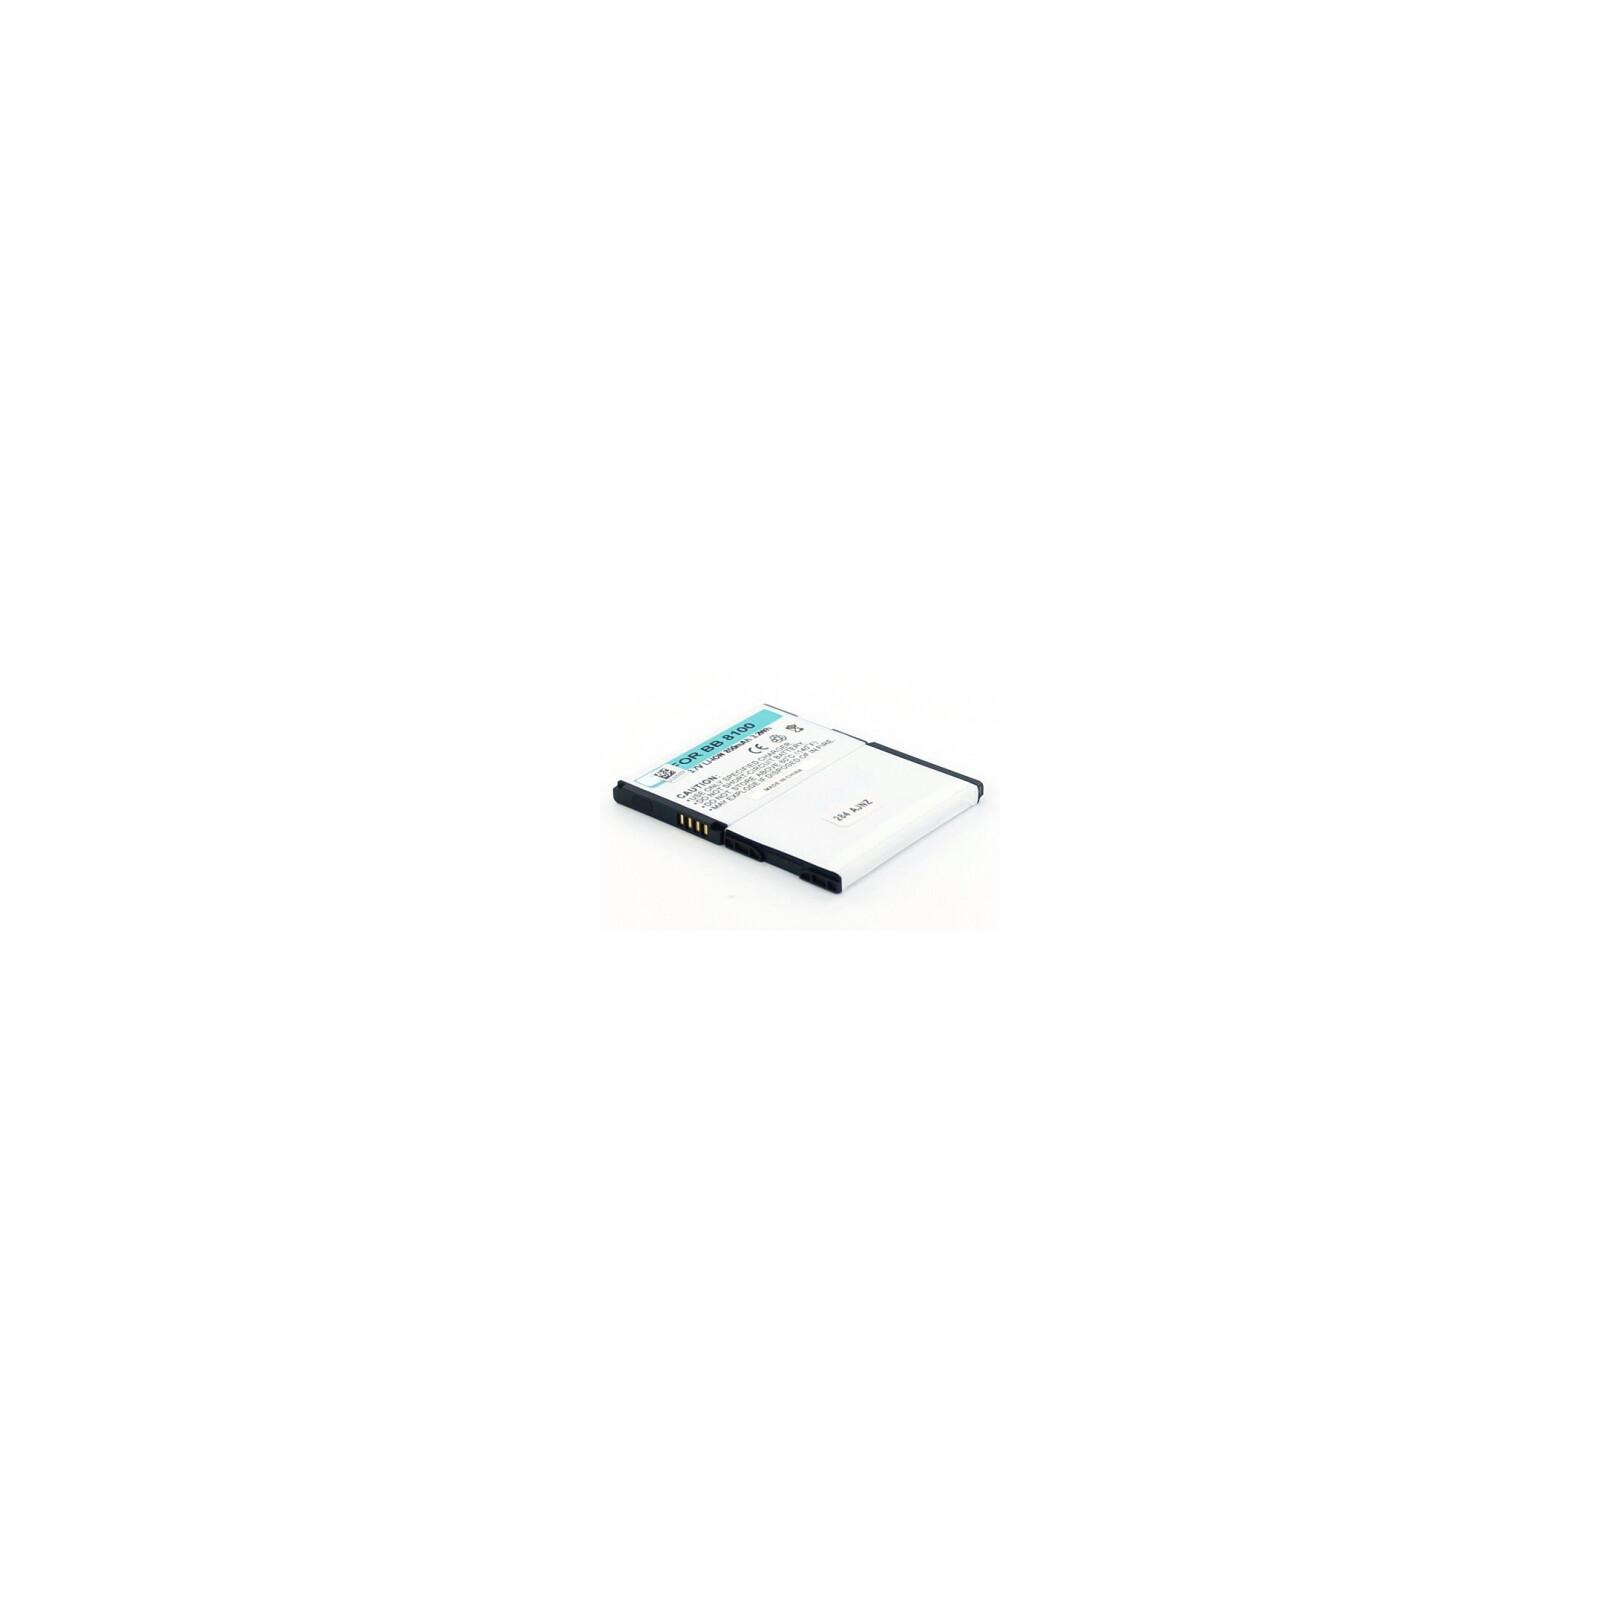 AGI Akku Blackberry Pearl 8100 850mAh